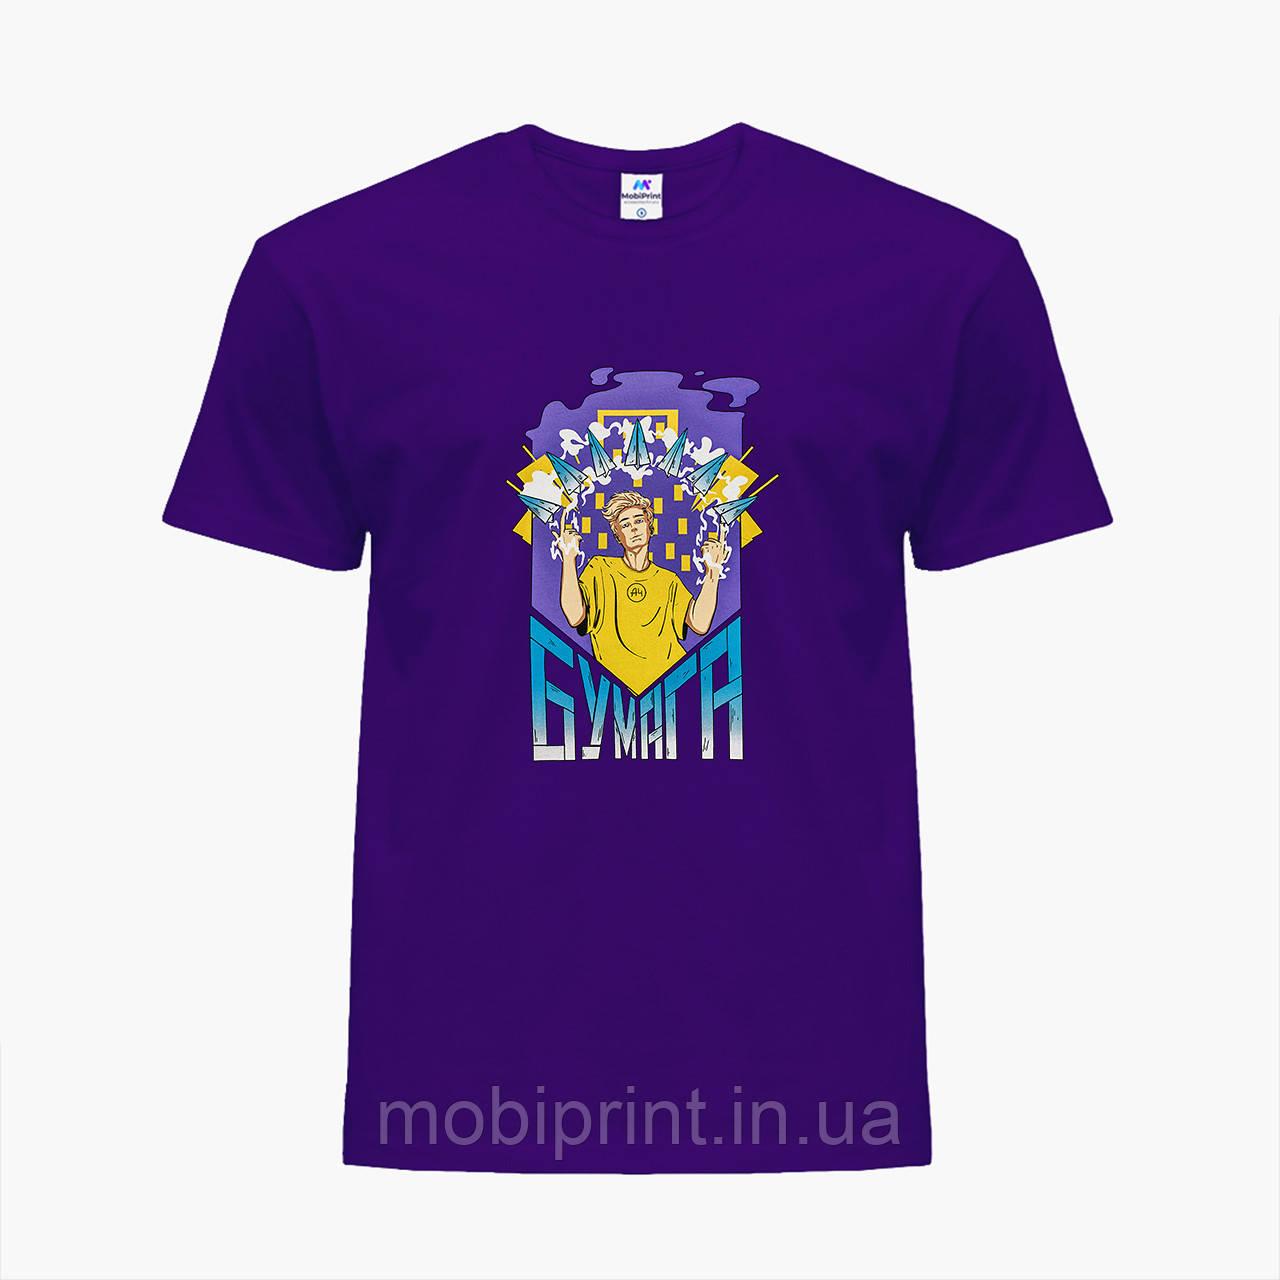 Детская футболка для мальчиков блогер Влад Бумага А4 (blogger Vlad A4) (25186-2617) Фиолетовый